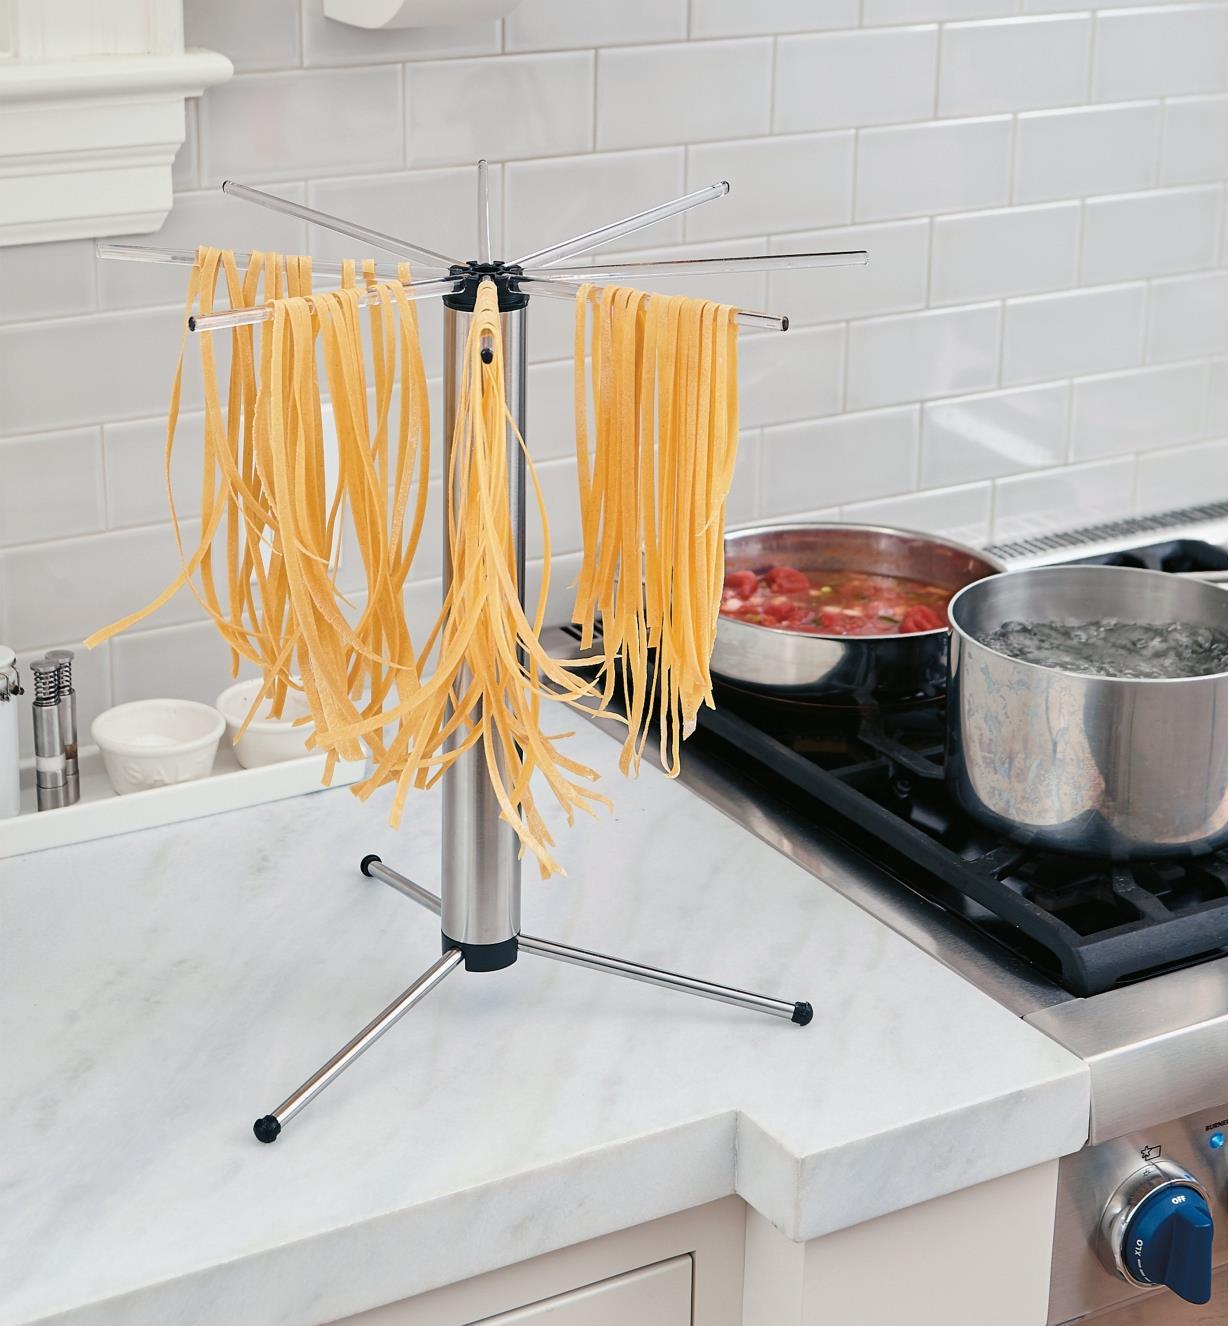 EV310 - Collapsible Pasta Drying Rack